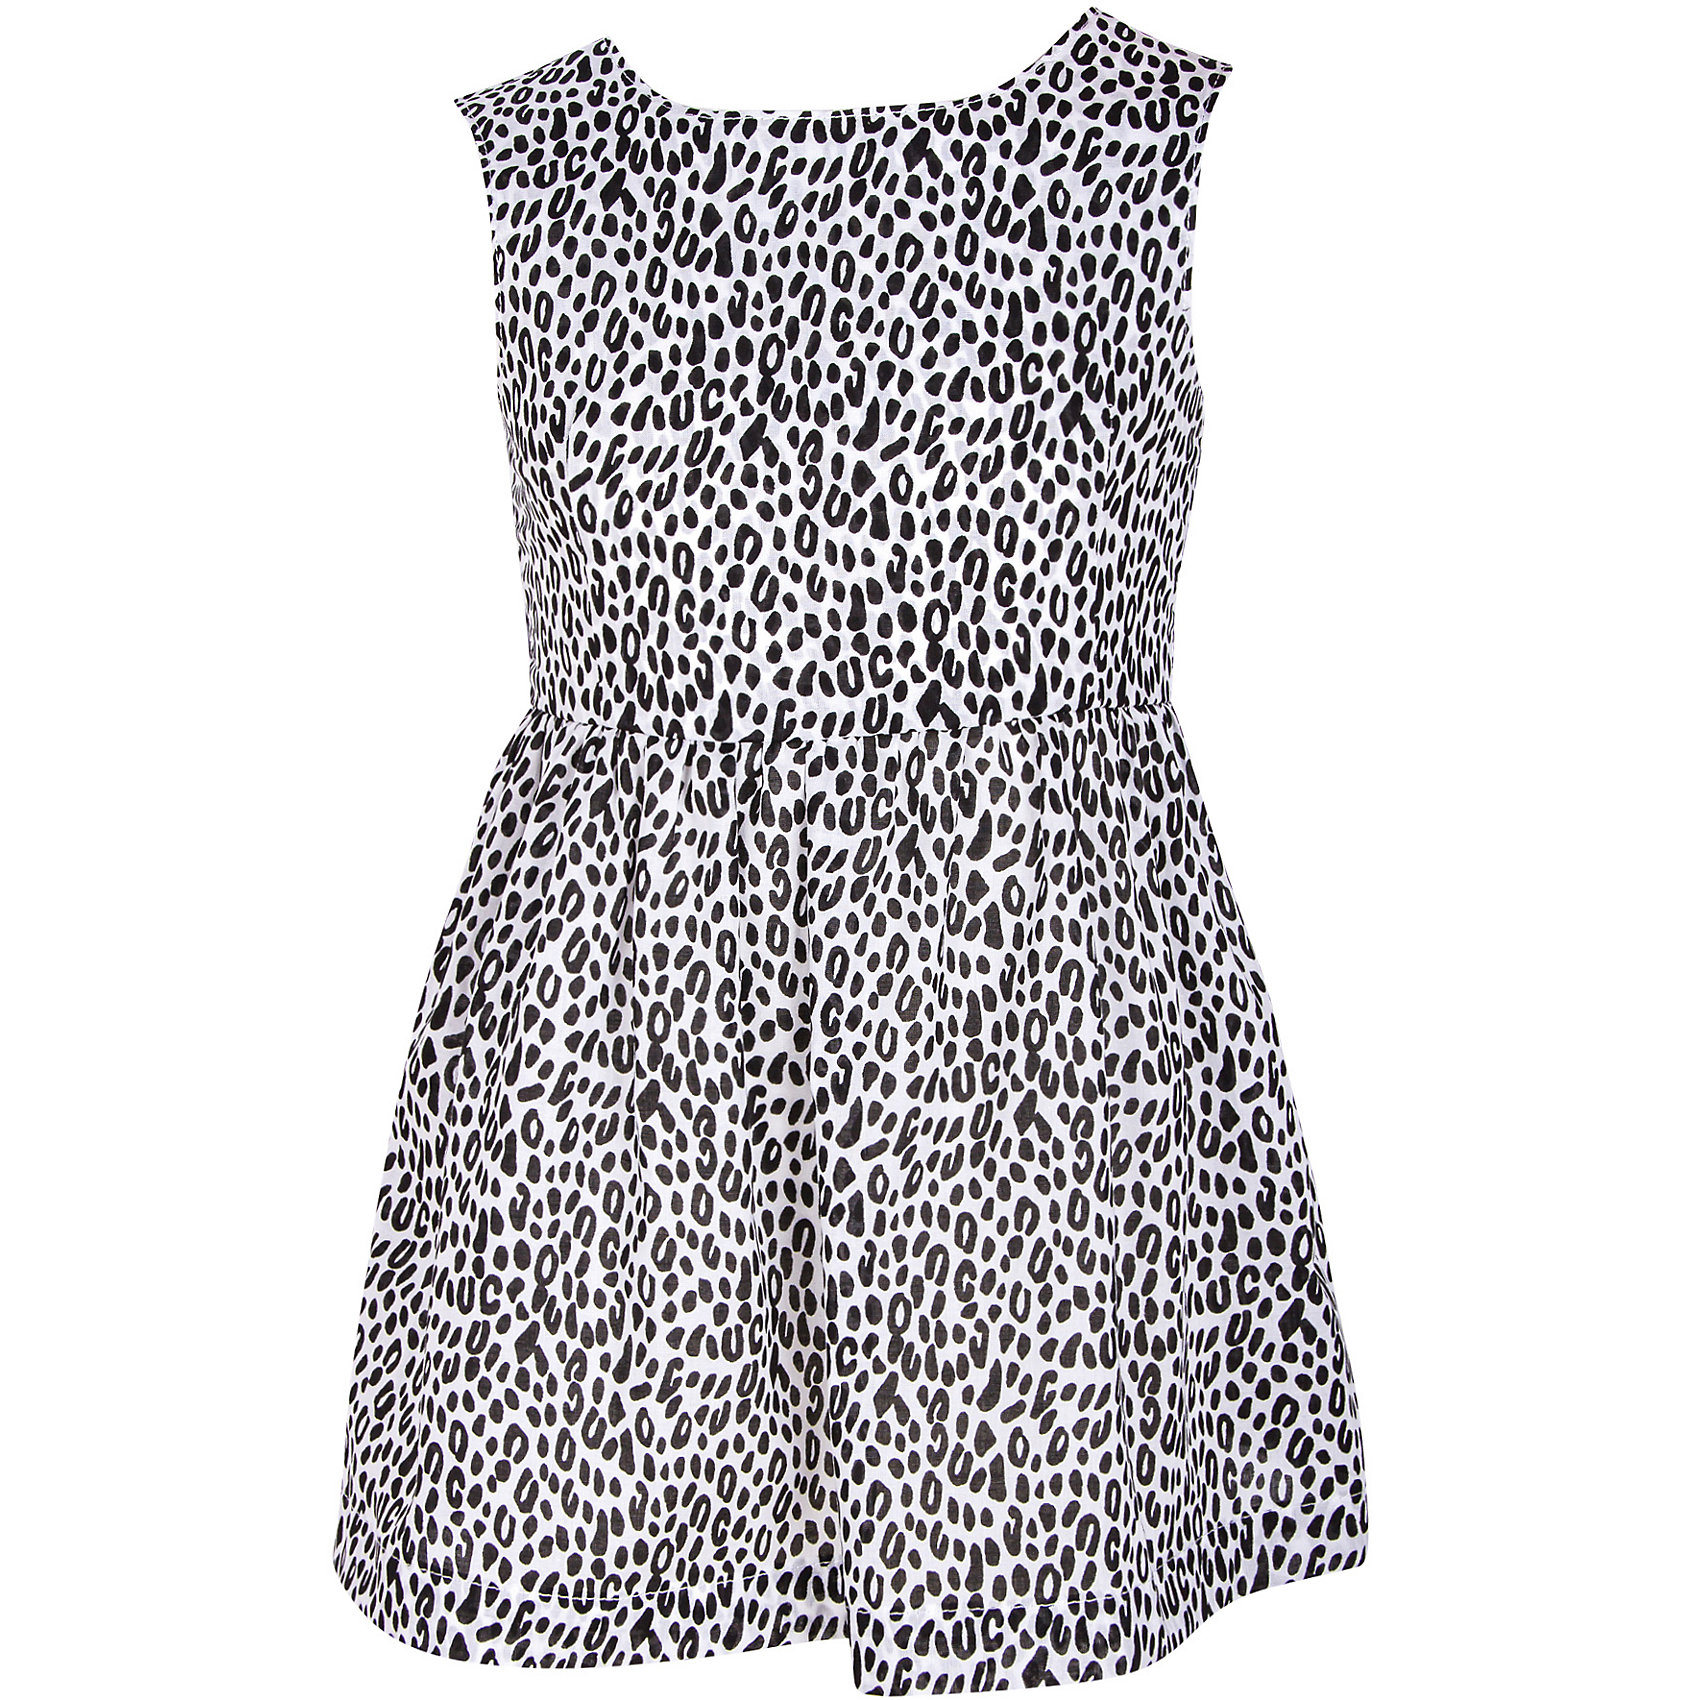 Платье для девочки Bell BimboПлатья и сарафаны<br>Платье для девочки от марки Bell Bimbo.<br>Спинка платья полуоткрытая, с застежкой на 2 пуговицы, сзади по линии талии вставлена резинка.<br>Состав:<br>поплин 100%хлопок<br><br>Ширина мм: 236<br>Глубина мм: 16<br>Высота мм: 184<br>Вес г: 177<br>Цвет: черный<br>Возраст от месяцев: 72<br>Возраст до месяцев: 84<br>Пол: Женский<br>Возраст: Детский<br>Размер: 122,110,98,134,116,104,128<br>SKU: 4578802